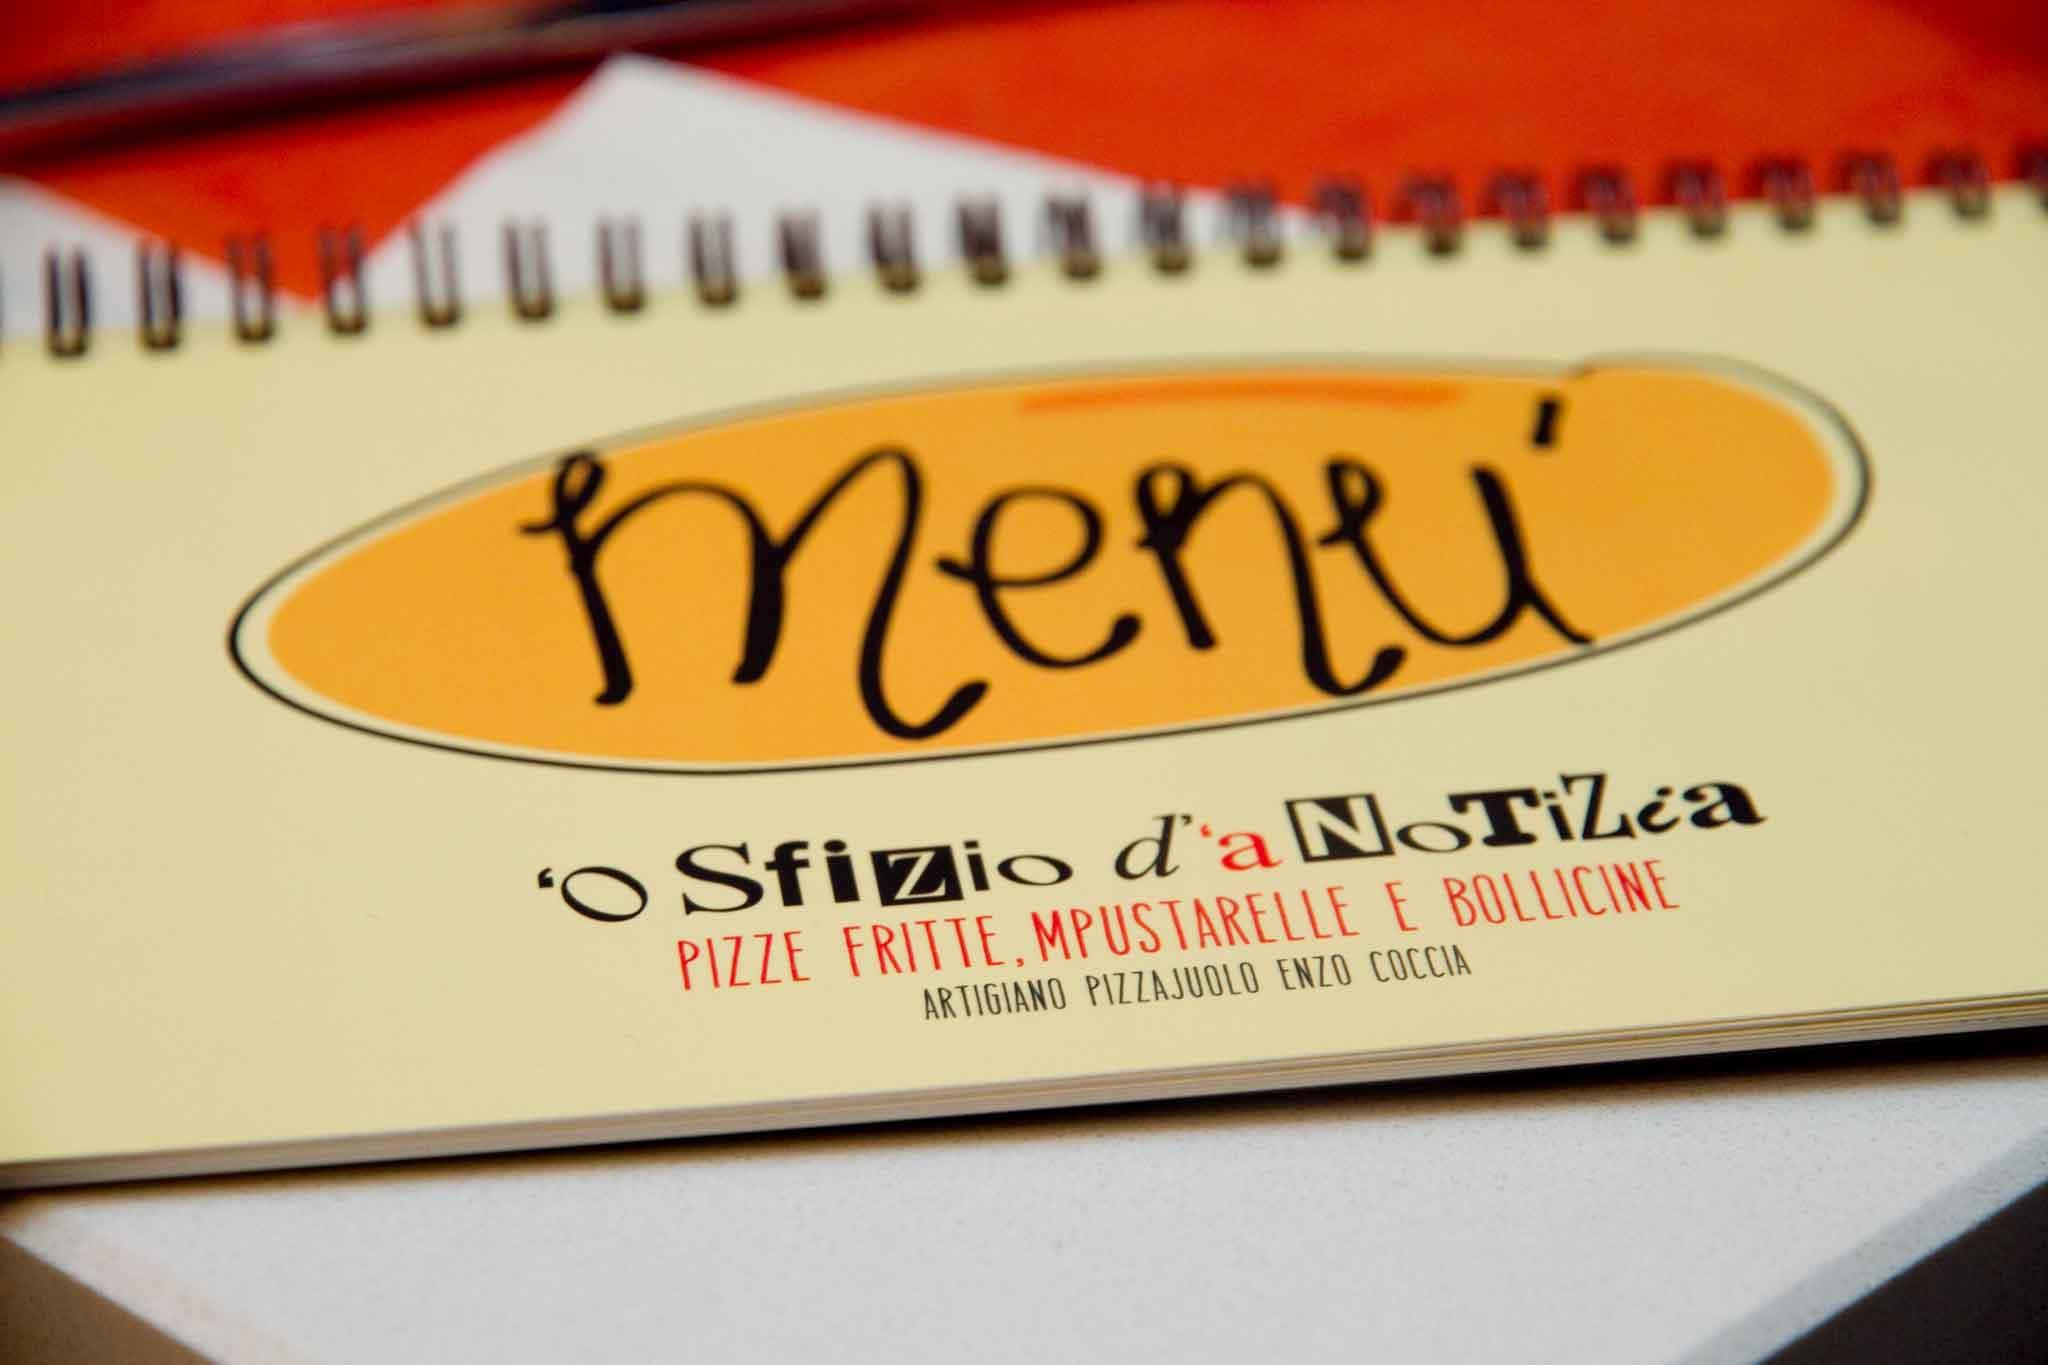 menu 'o sfizio d''a notizia Napoli